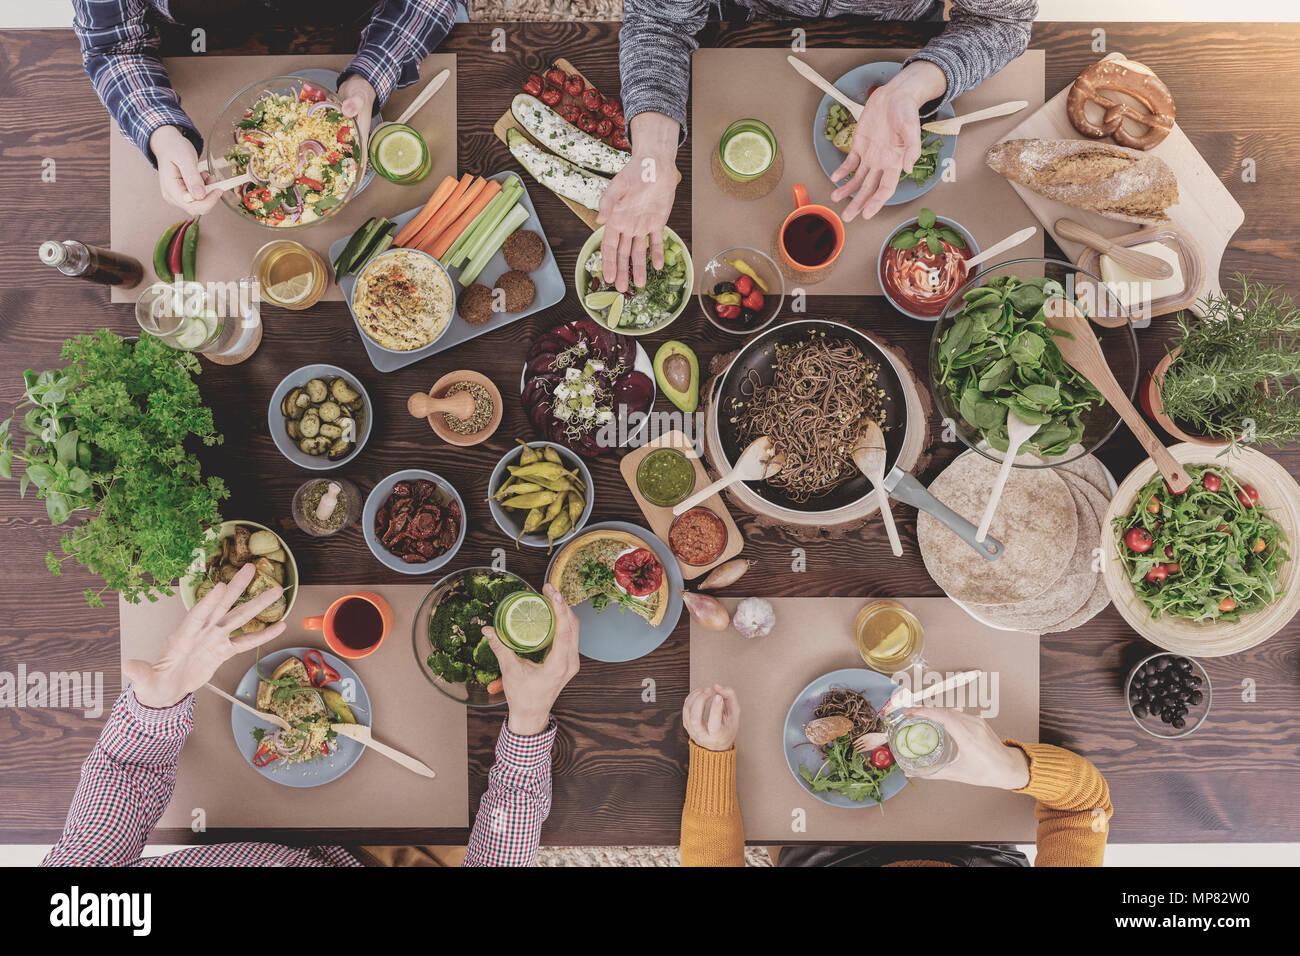 Verschiedene vegetarische Gerichte liegen auf Holztisch, Ansicht von oben Stockbild